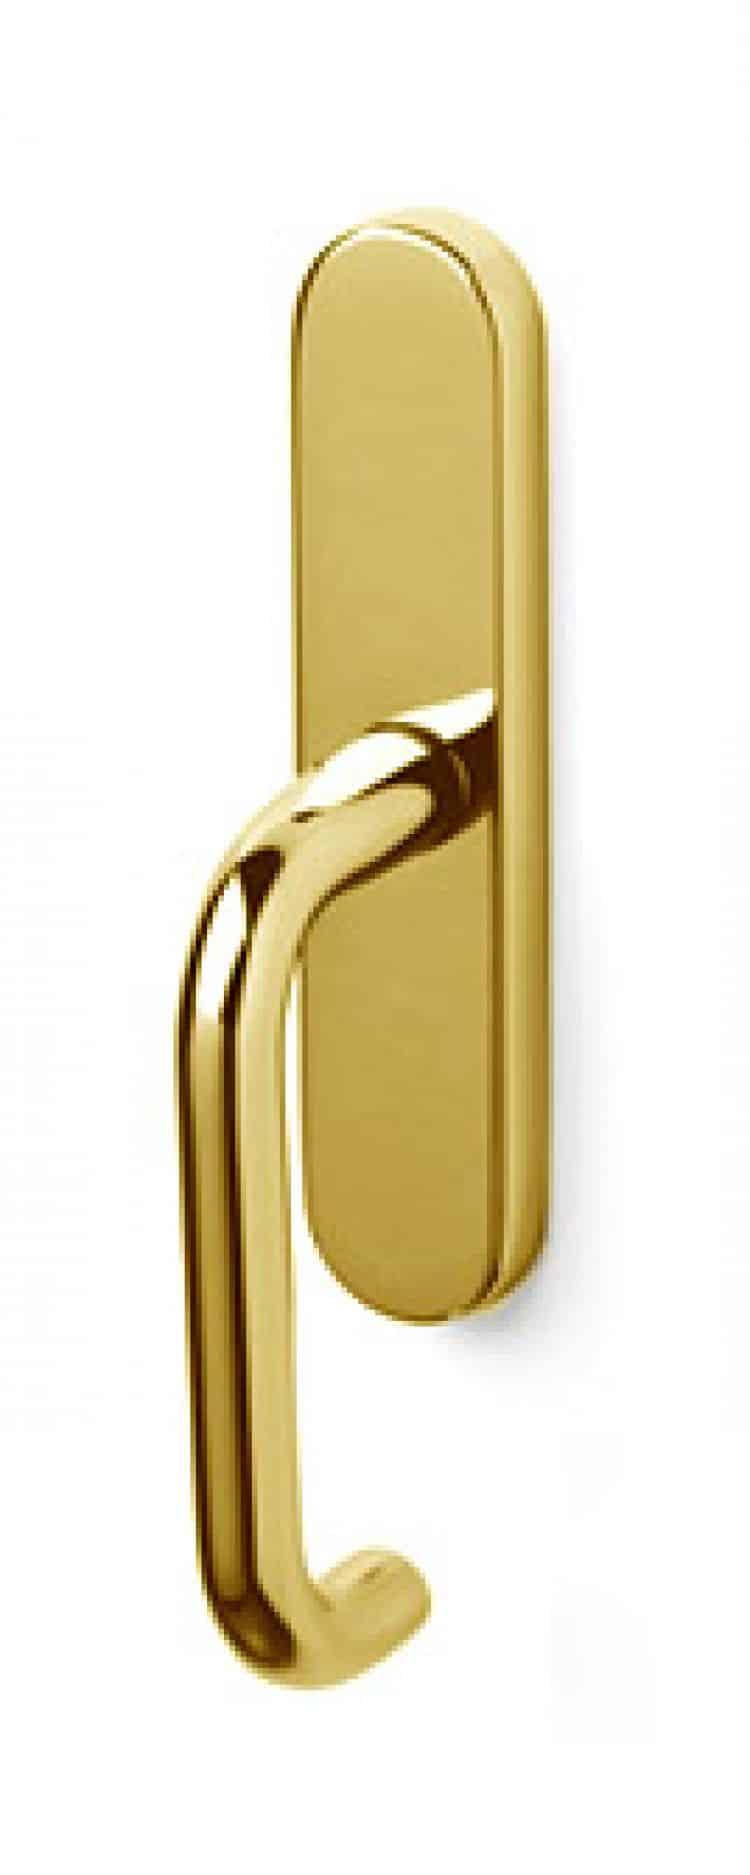 Maniglie di design per porte e finestre olivari for Maniglie porte oro